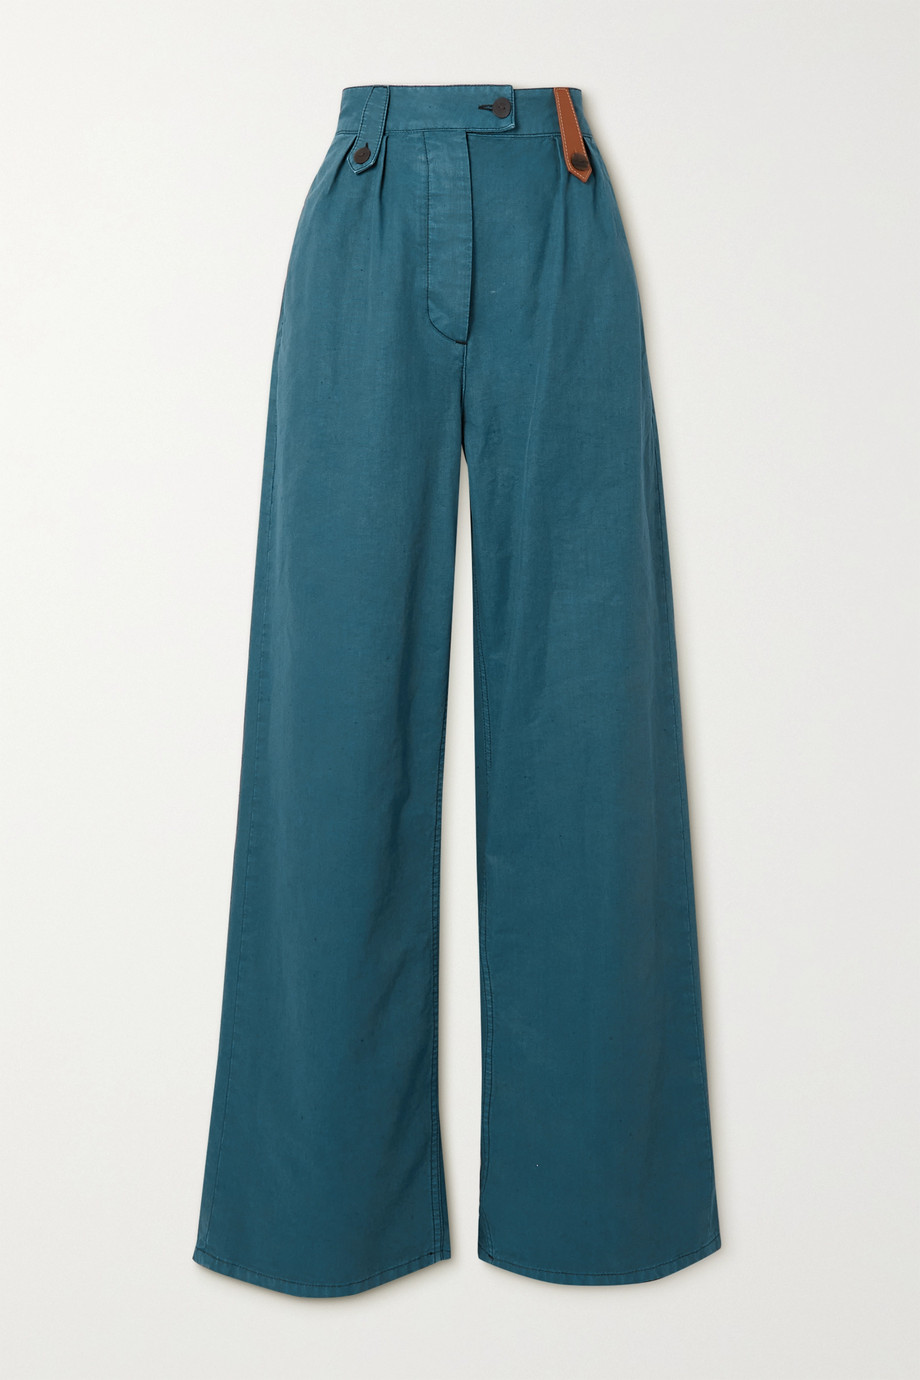 Loewe Pantalon large en coton et lin mélangés à finitions en cuir